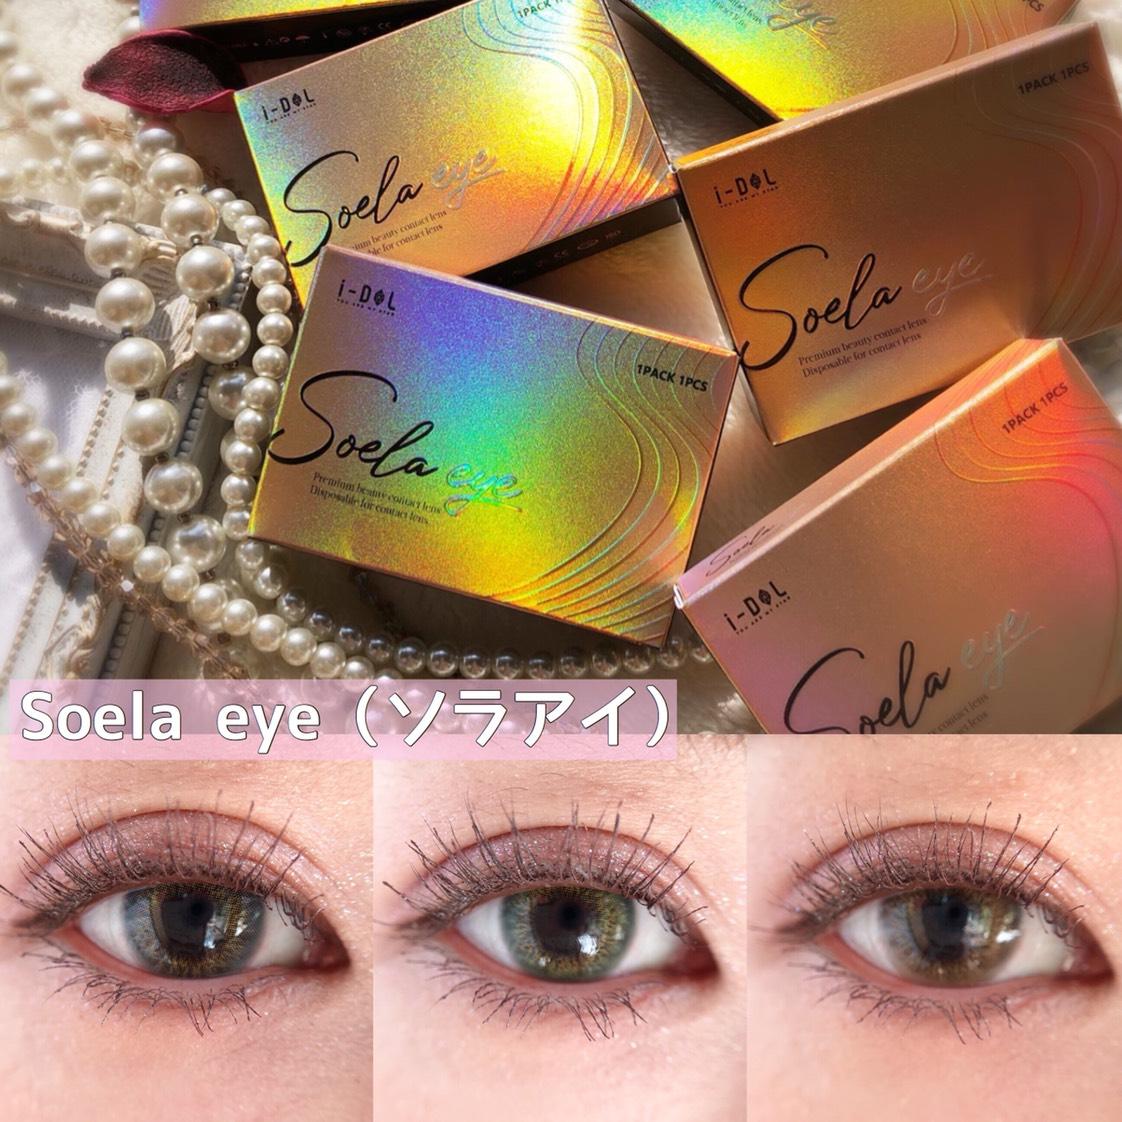 Soela eye(ソラアイ)